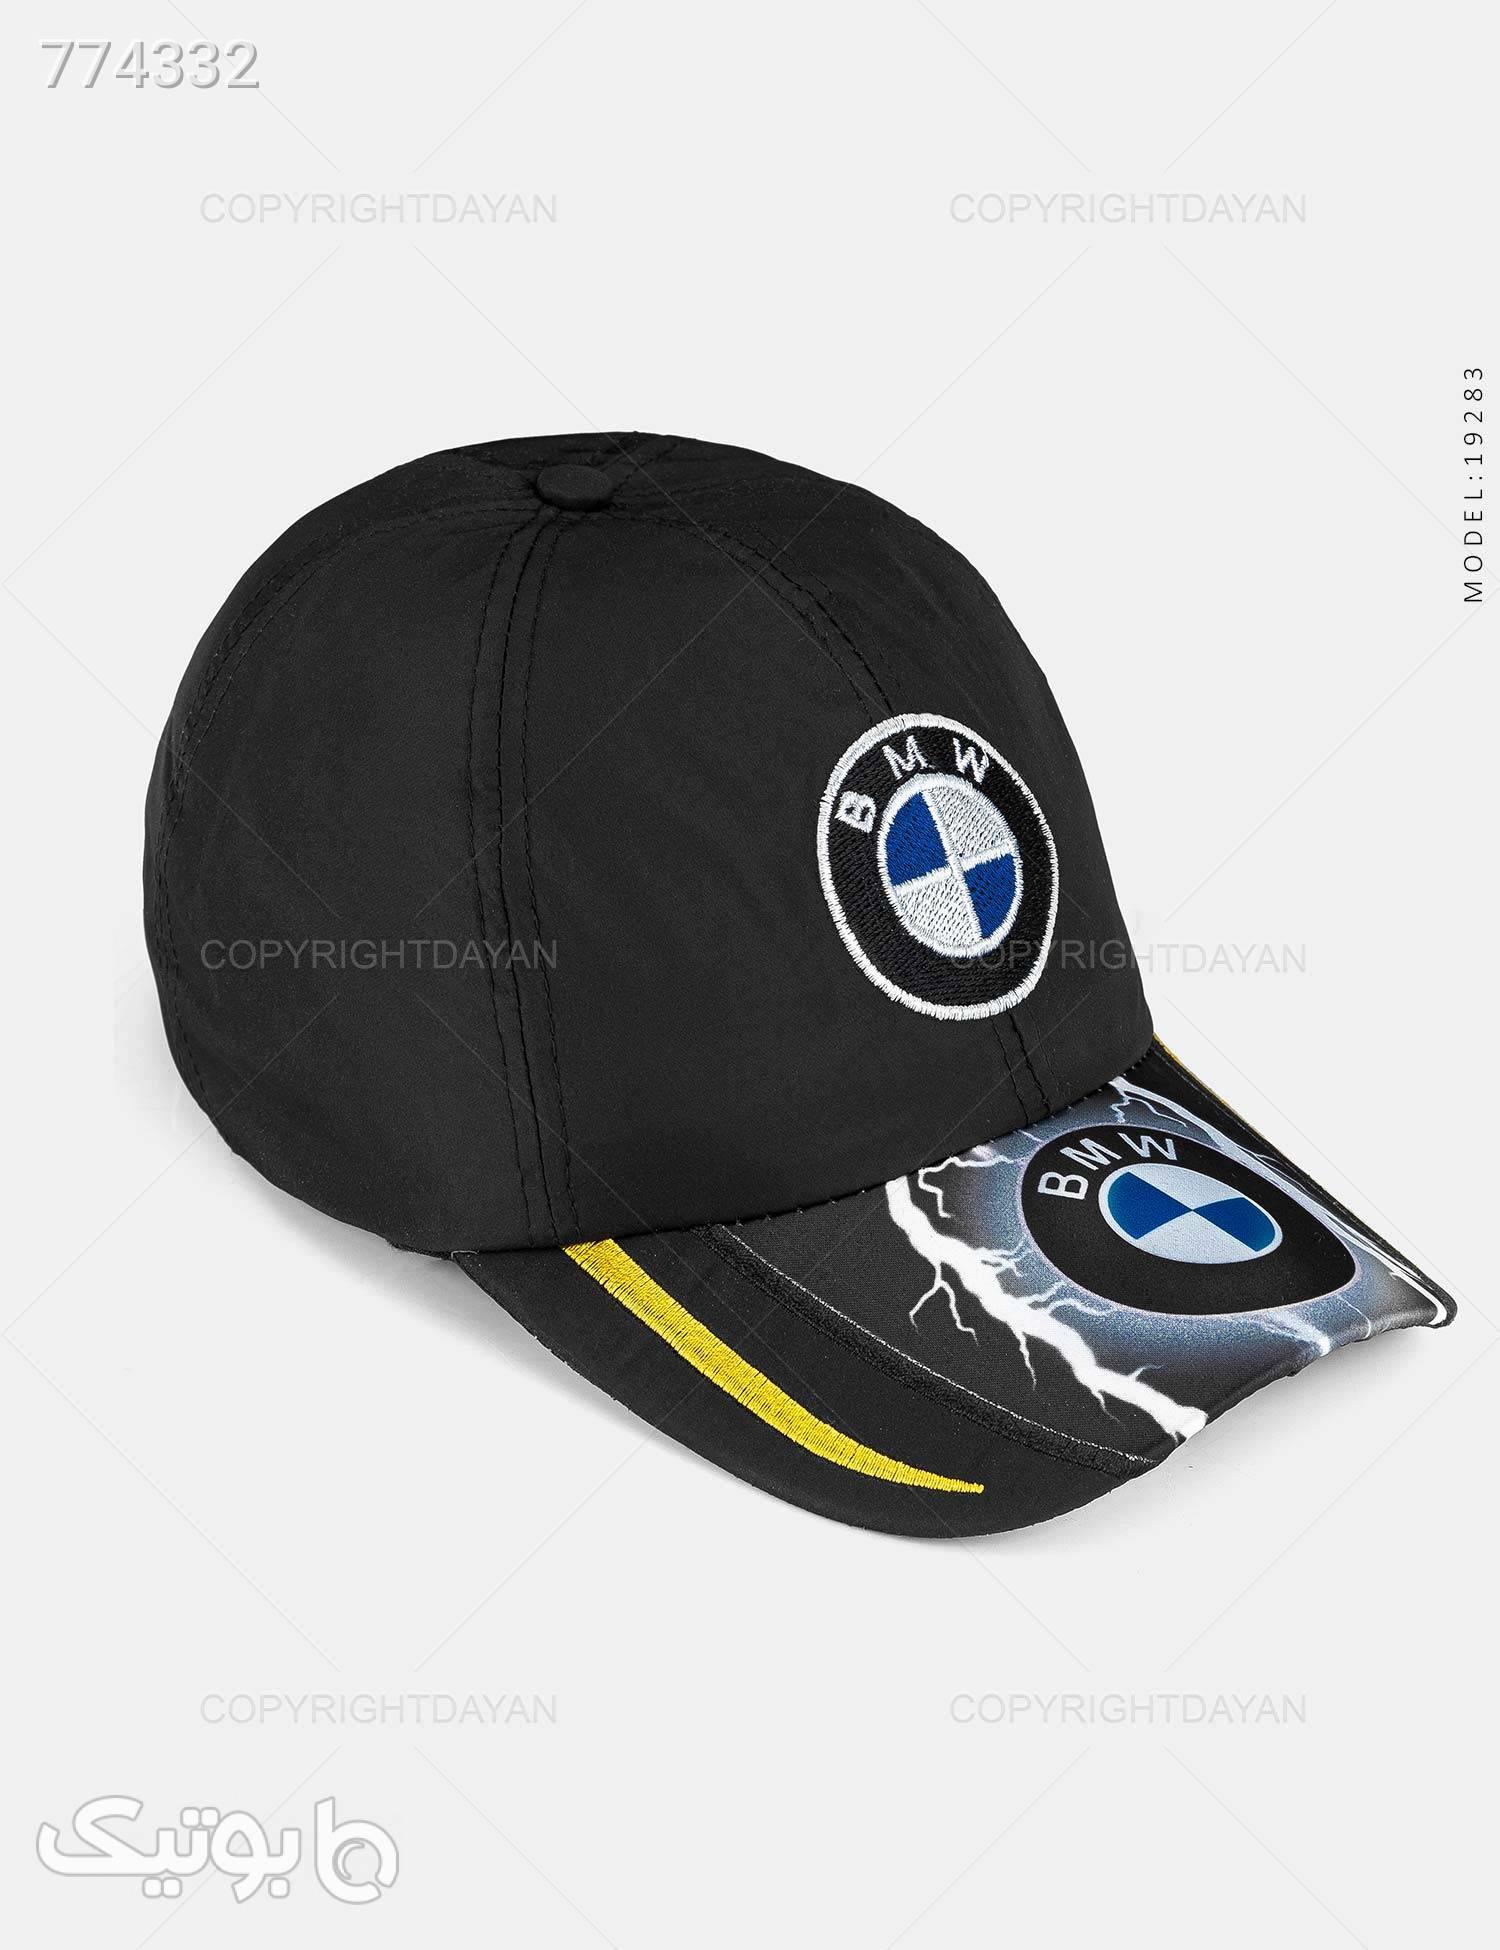 کلاه کپ BMW مدل 19283 قرمز کلاه و اسکارف